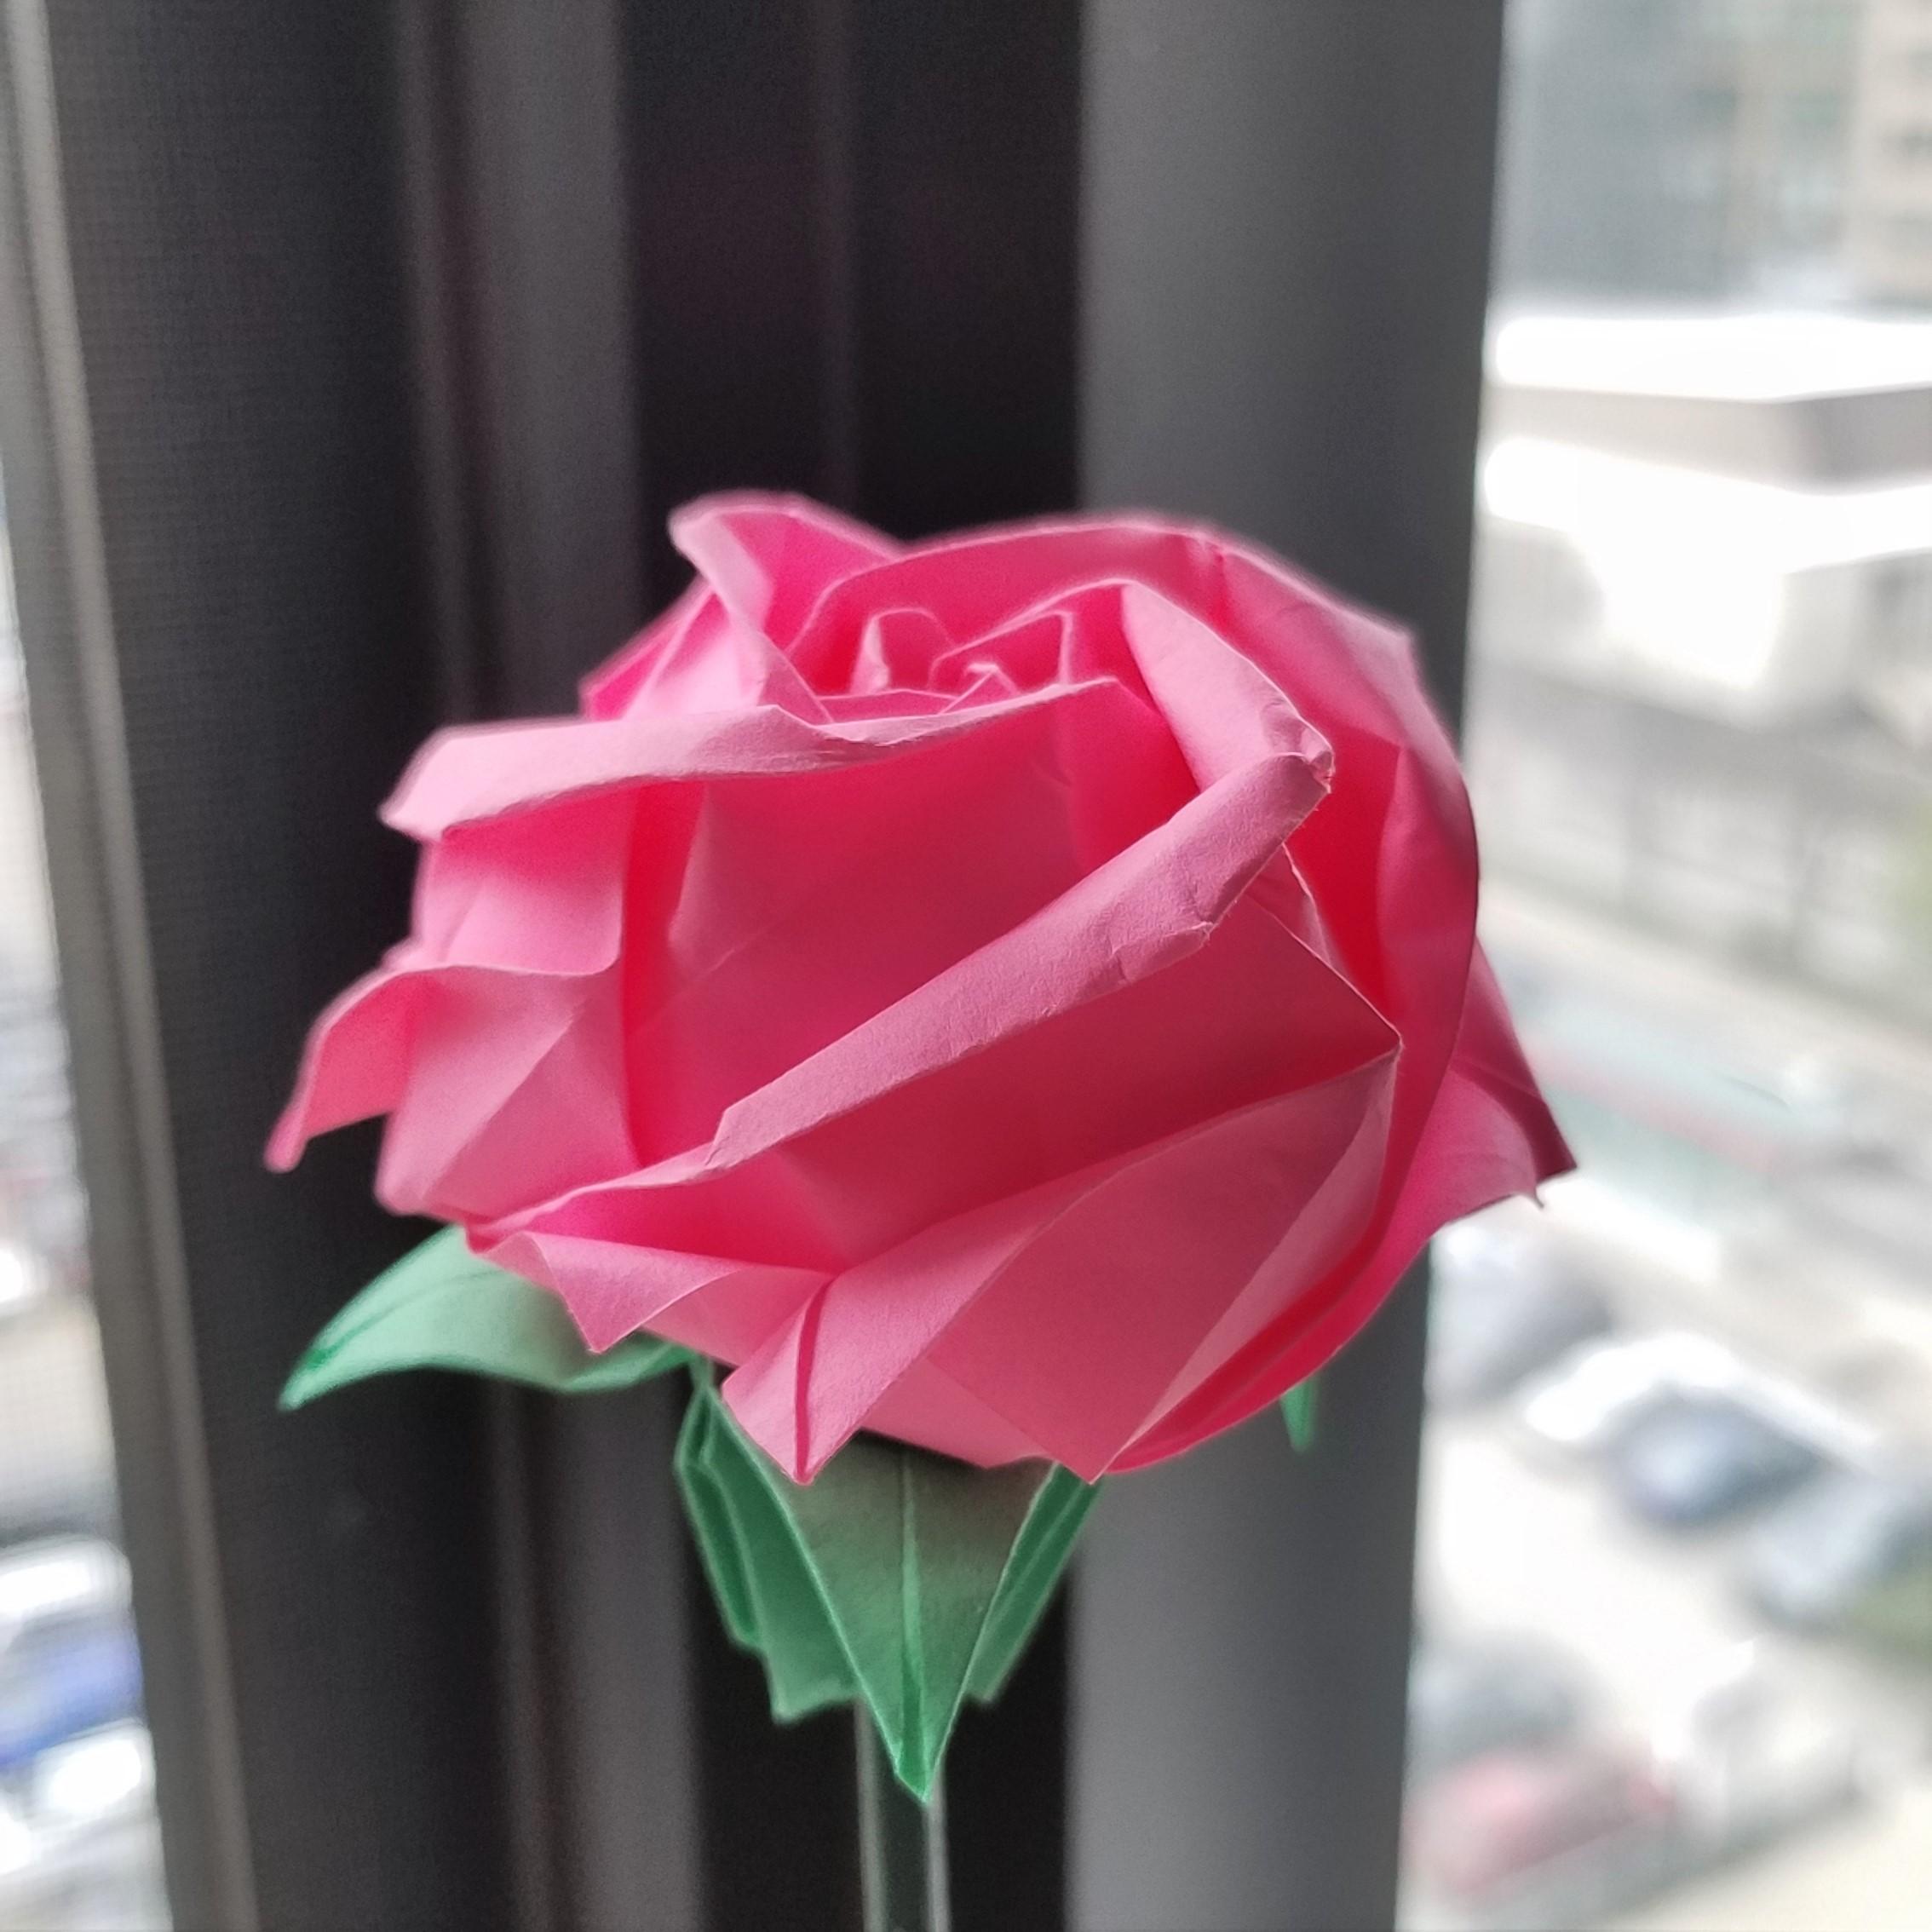 Paper flowers rose diy tutorial easy for children.origami flower ...   2268x2268